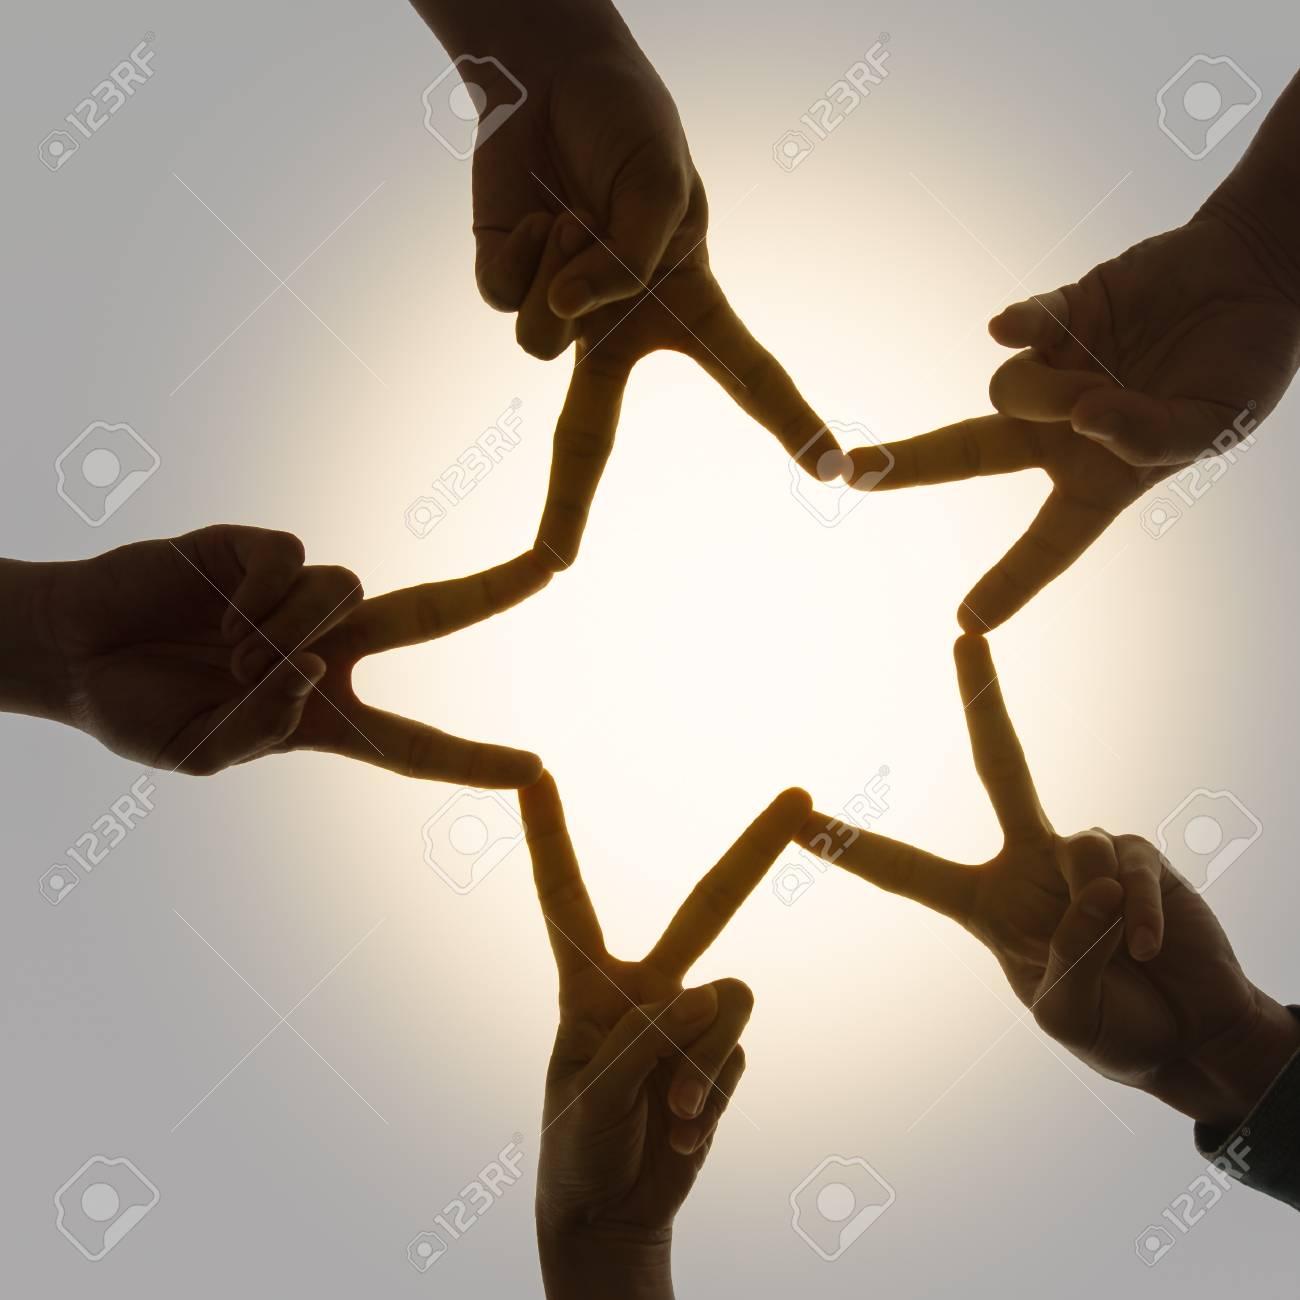 星の形の結合手のシルエット画像です。チームワーク、団結と友情の概念 ...